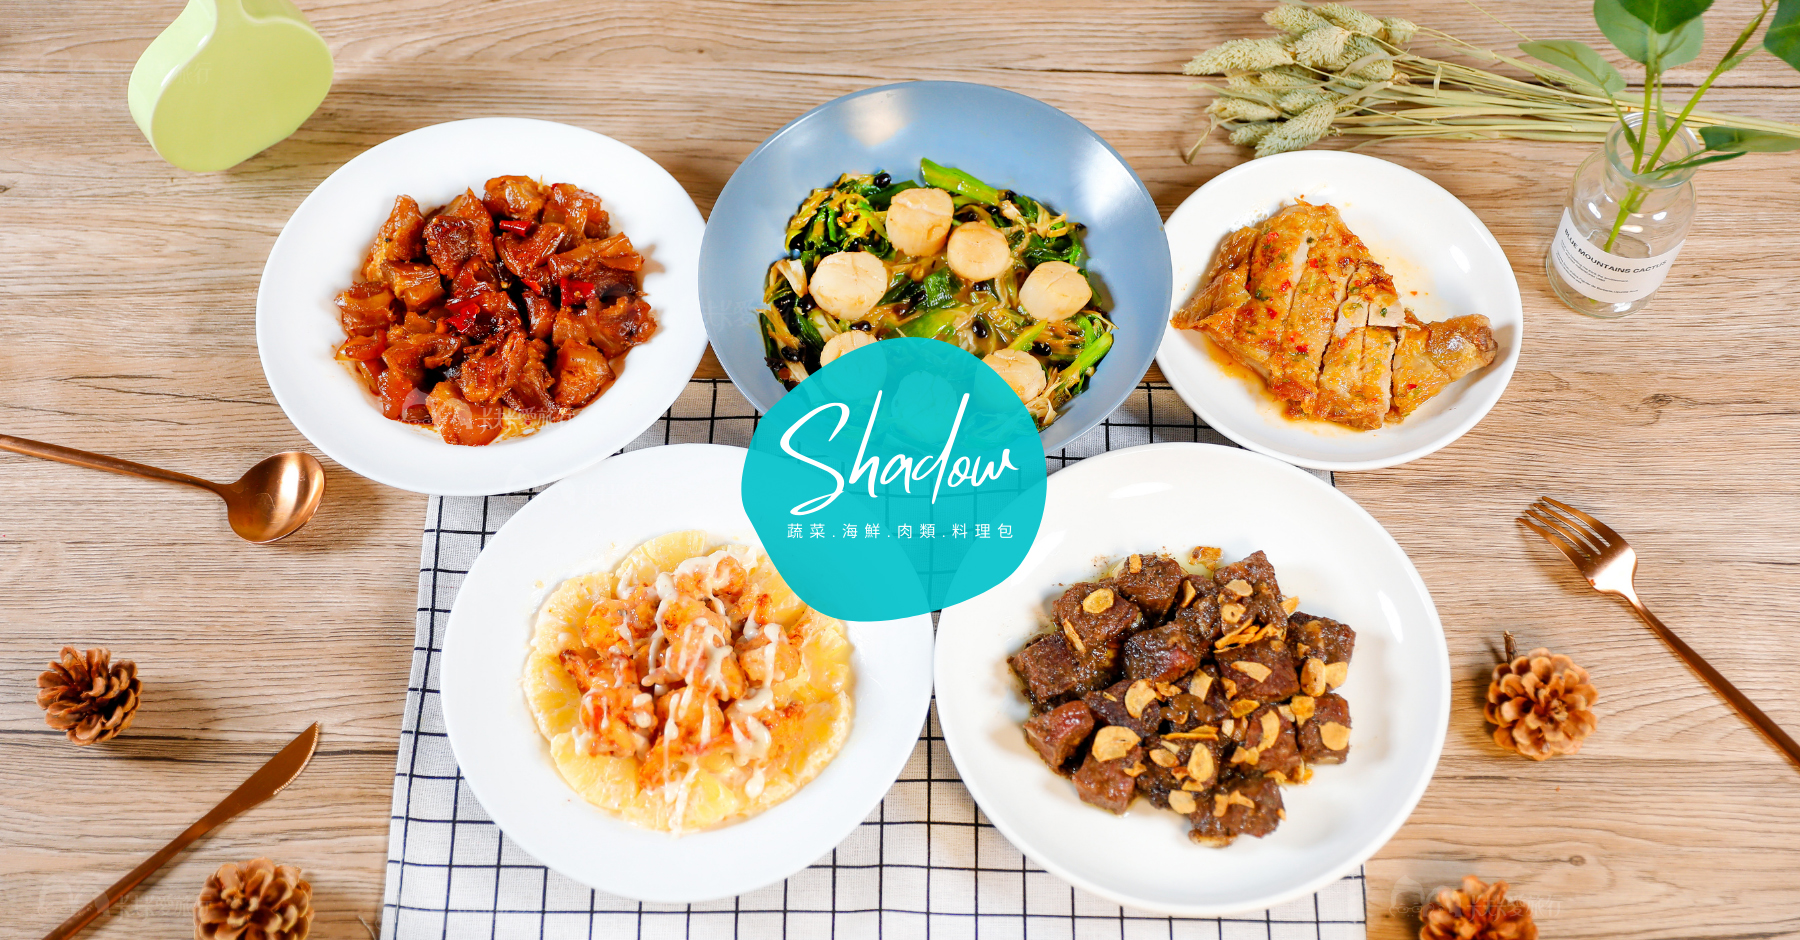 輕鬆料理煮合包推薦|Shadow影子市集火鍋|防疫生鮮箱蔬菜 海鮮 肉品一次滿足